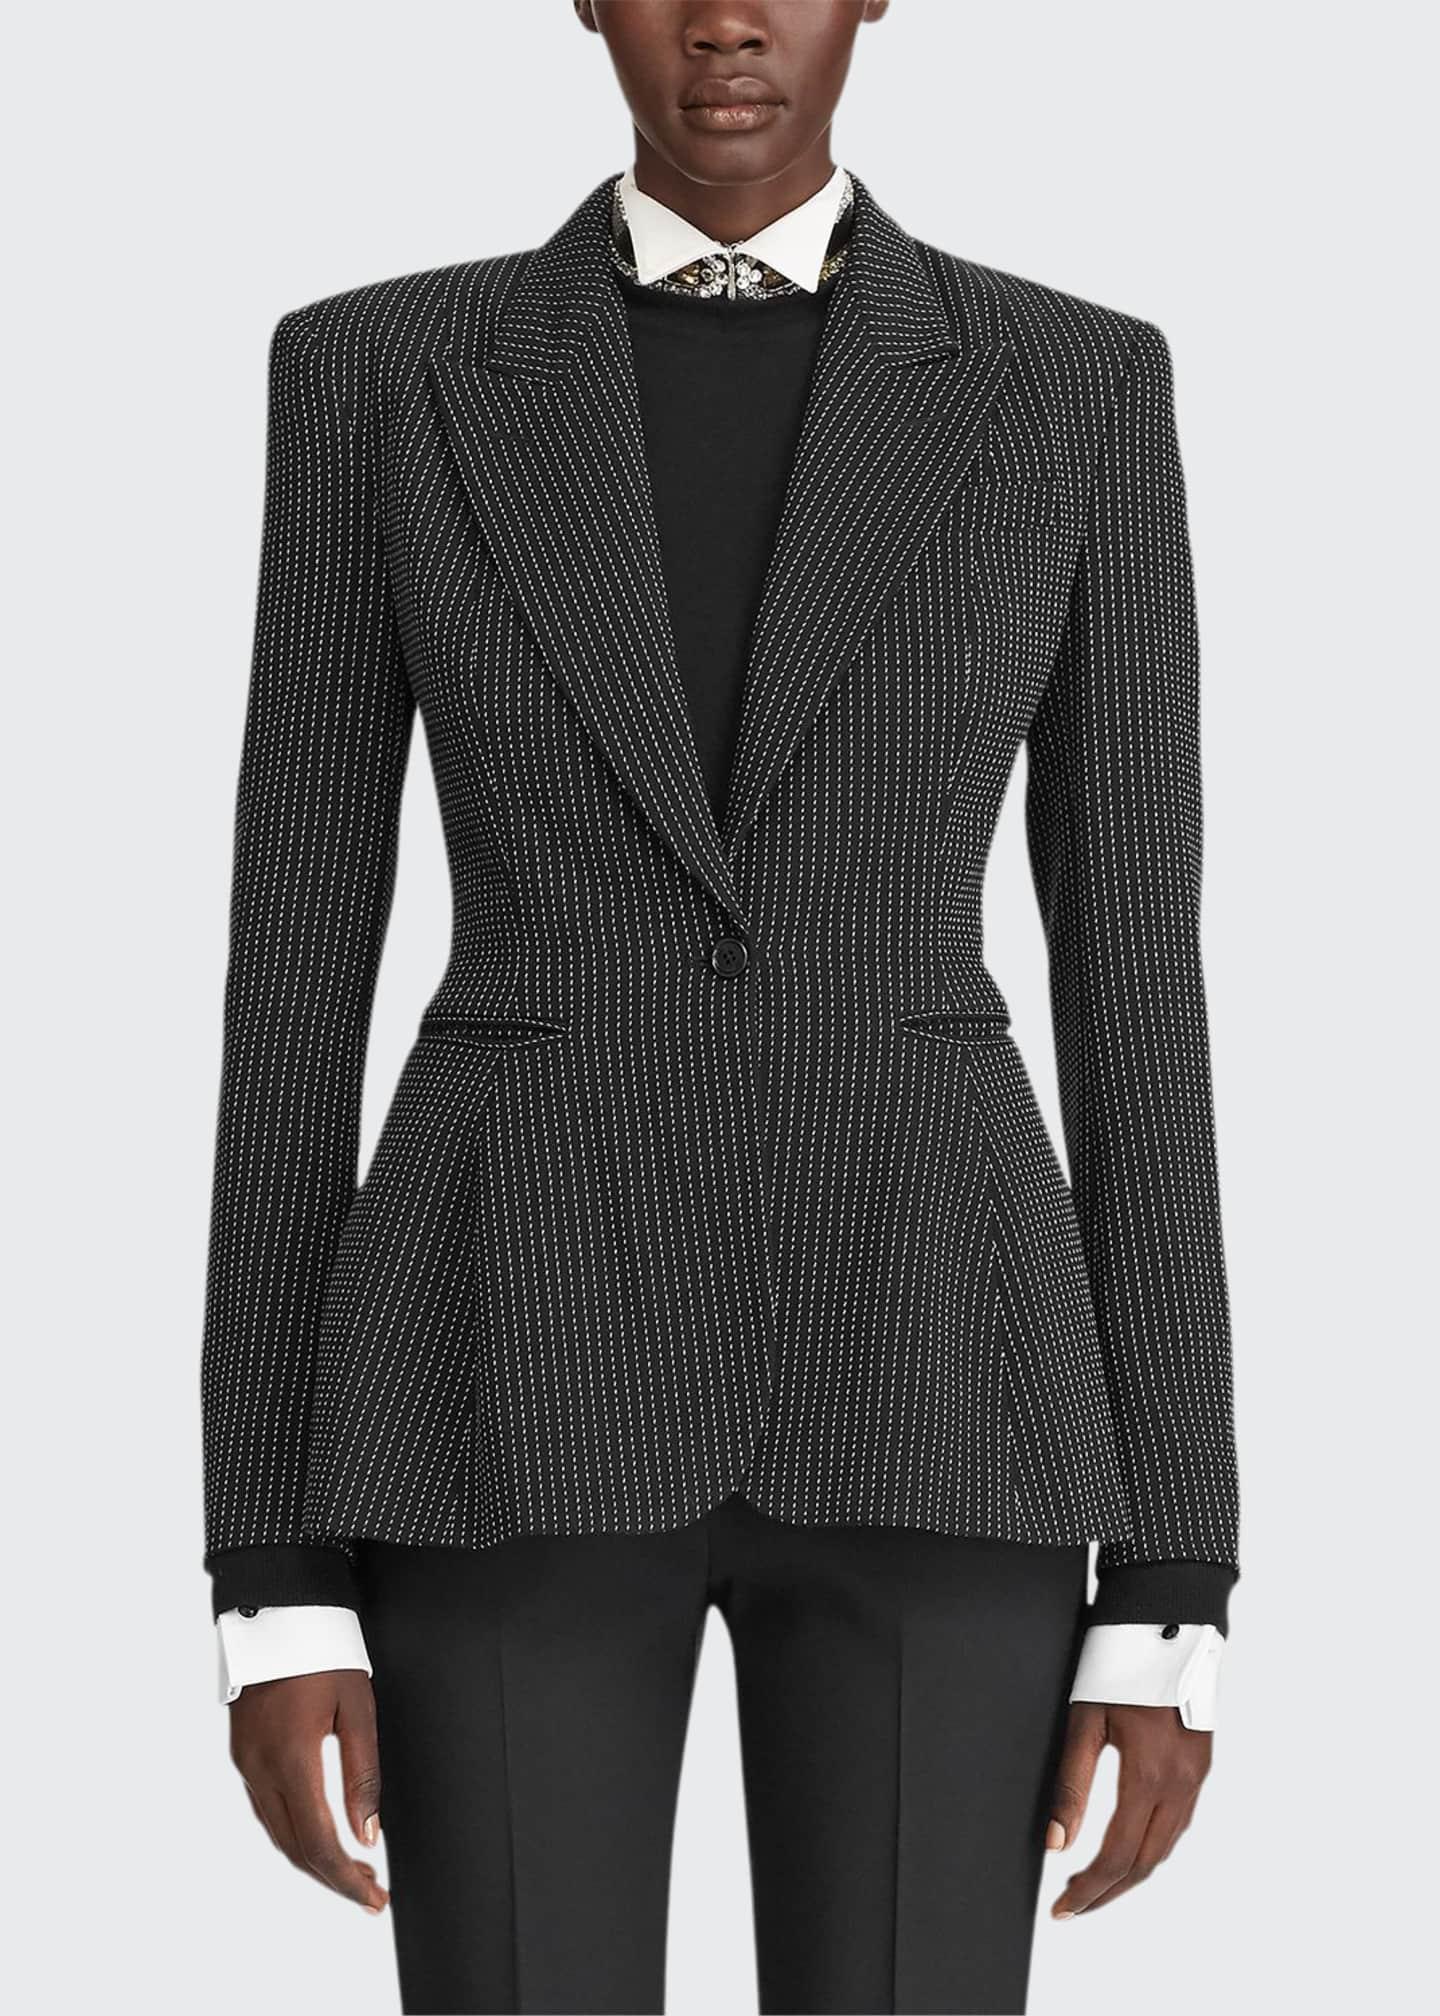 Ralph Lauren Collection Arding Pinstriped Pixelated Peplum Jacket